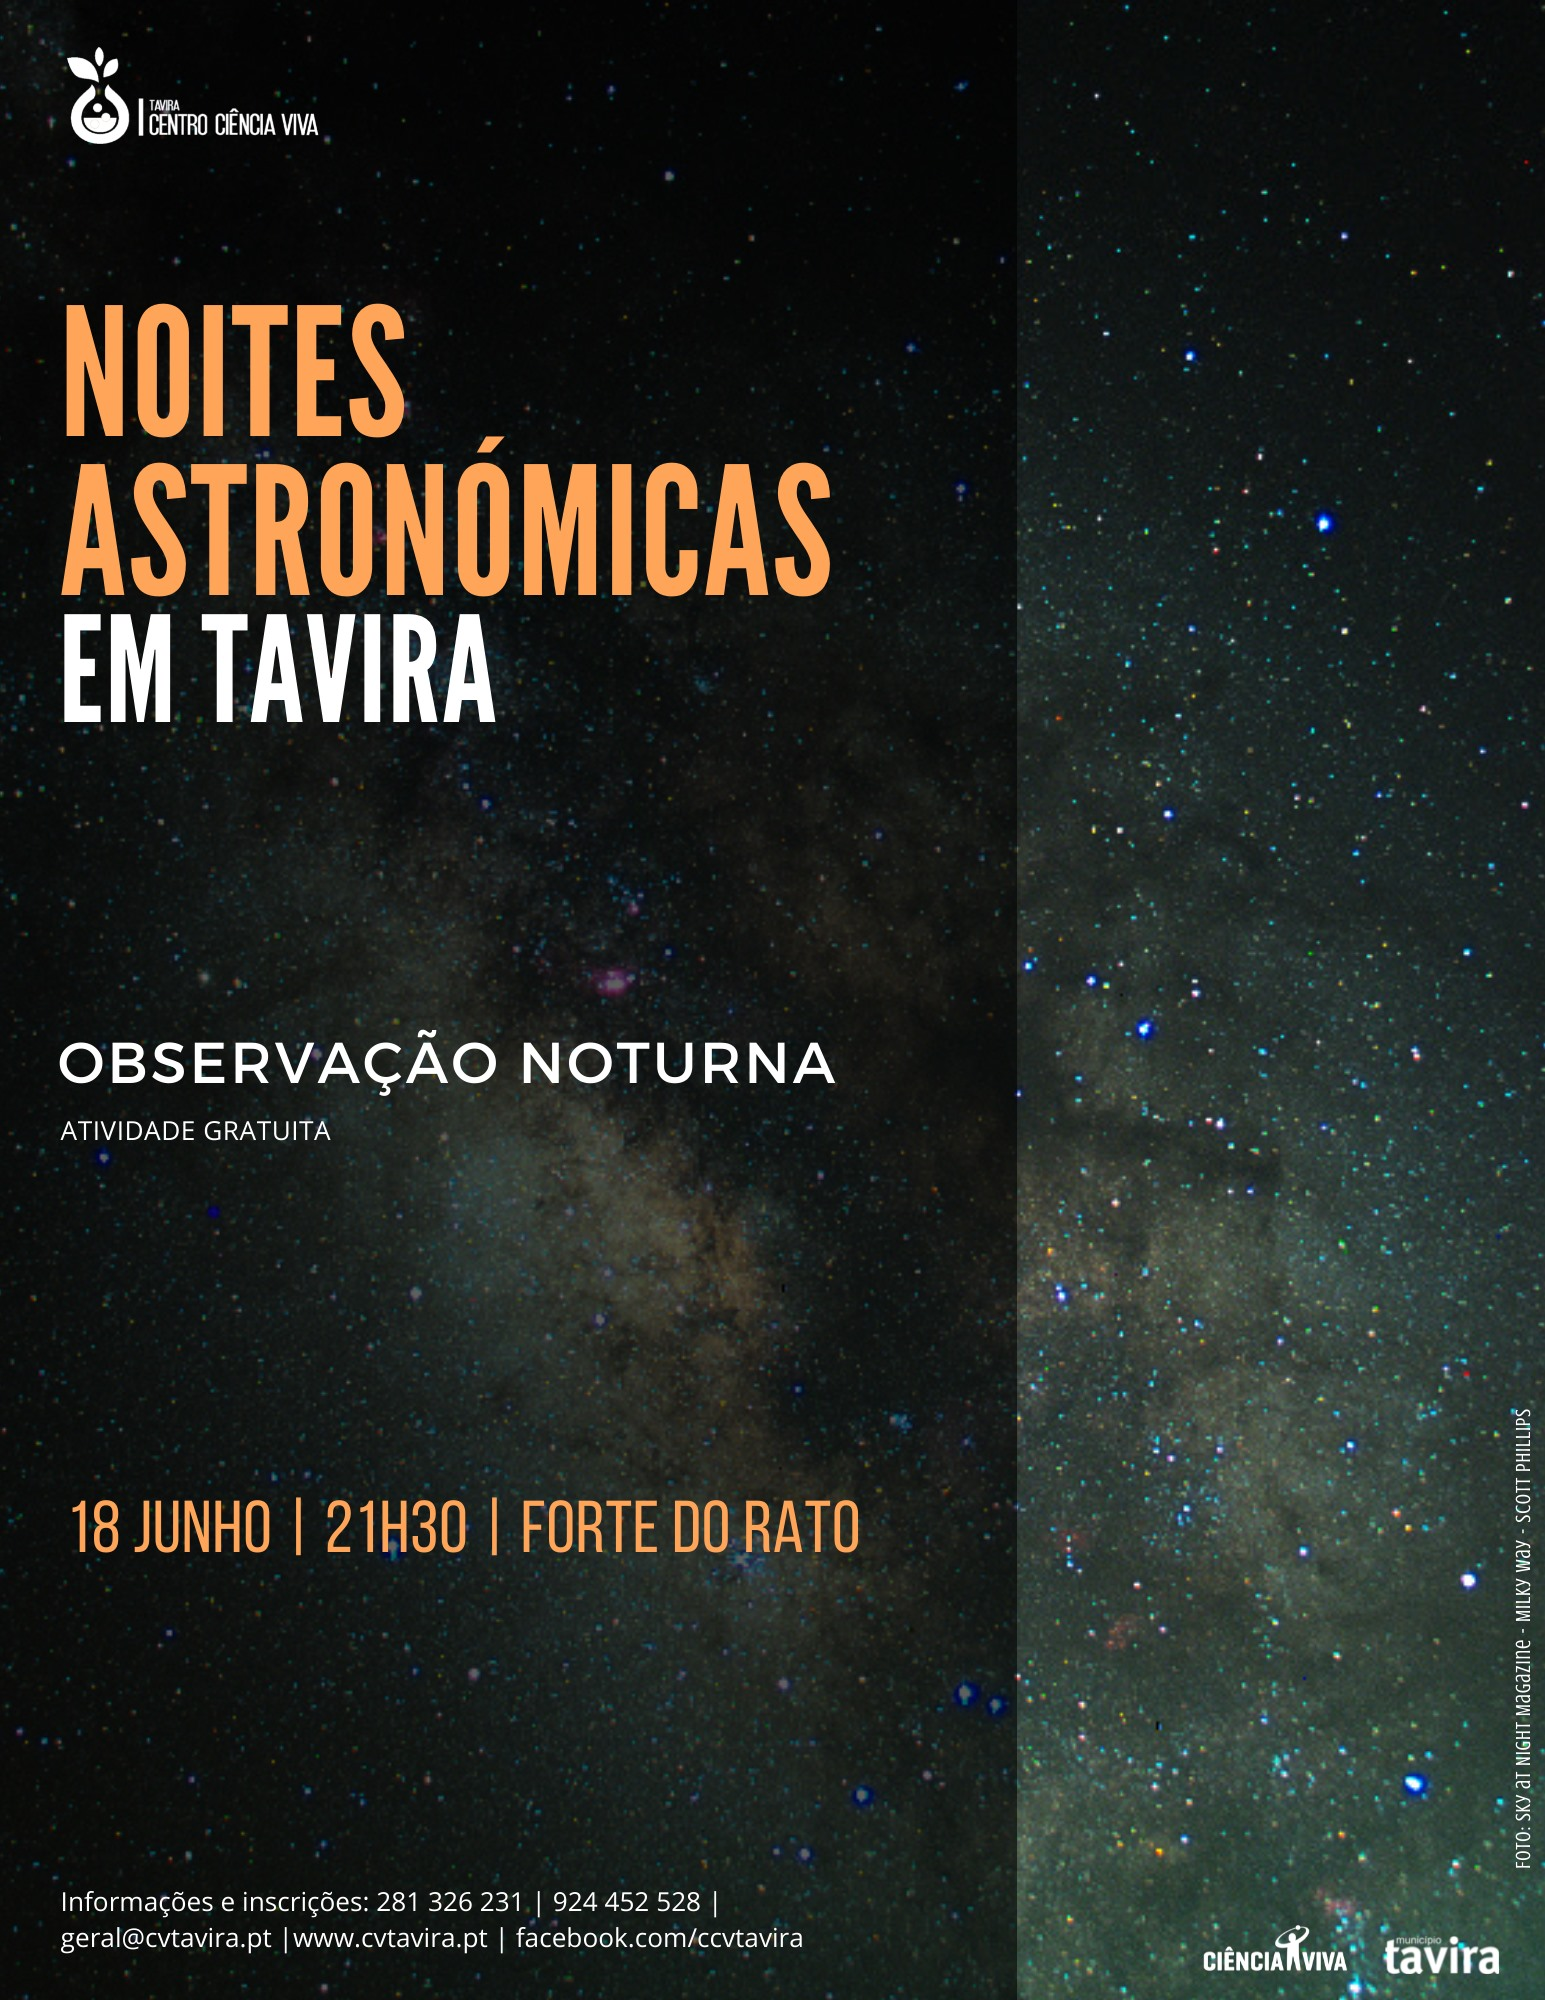 Noite Astronómica em Tavira